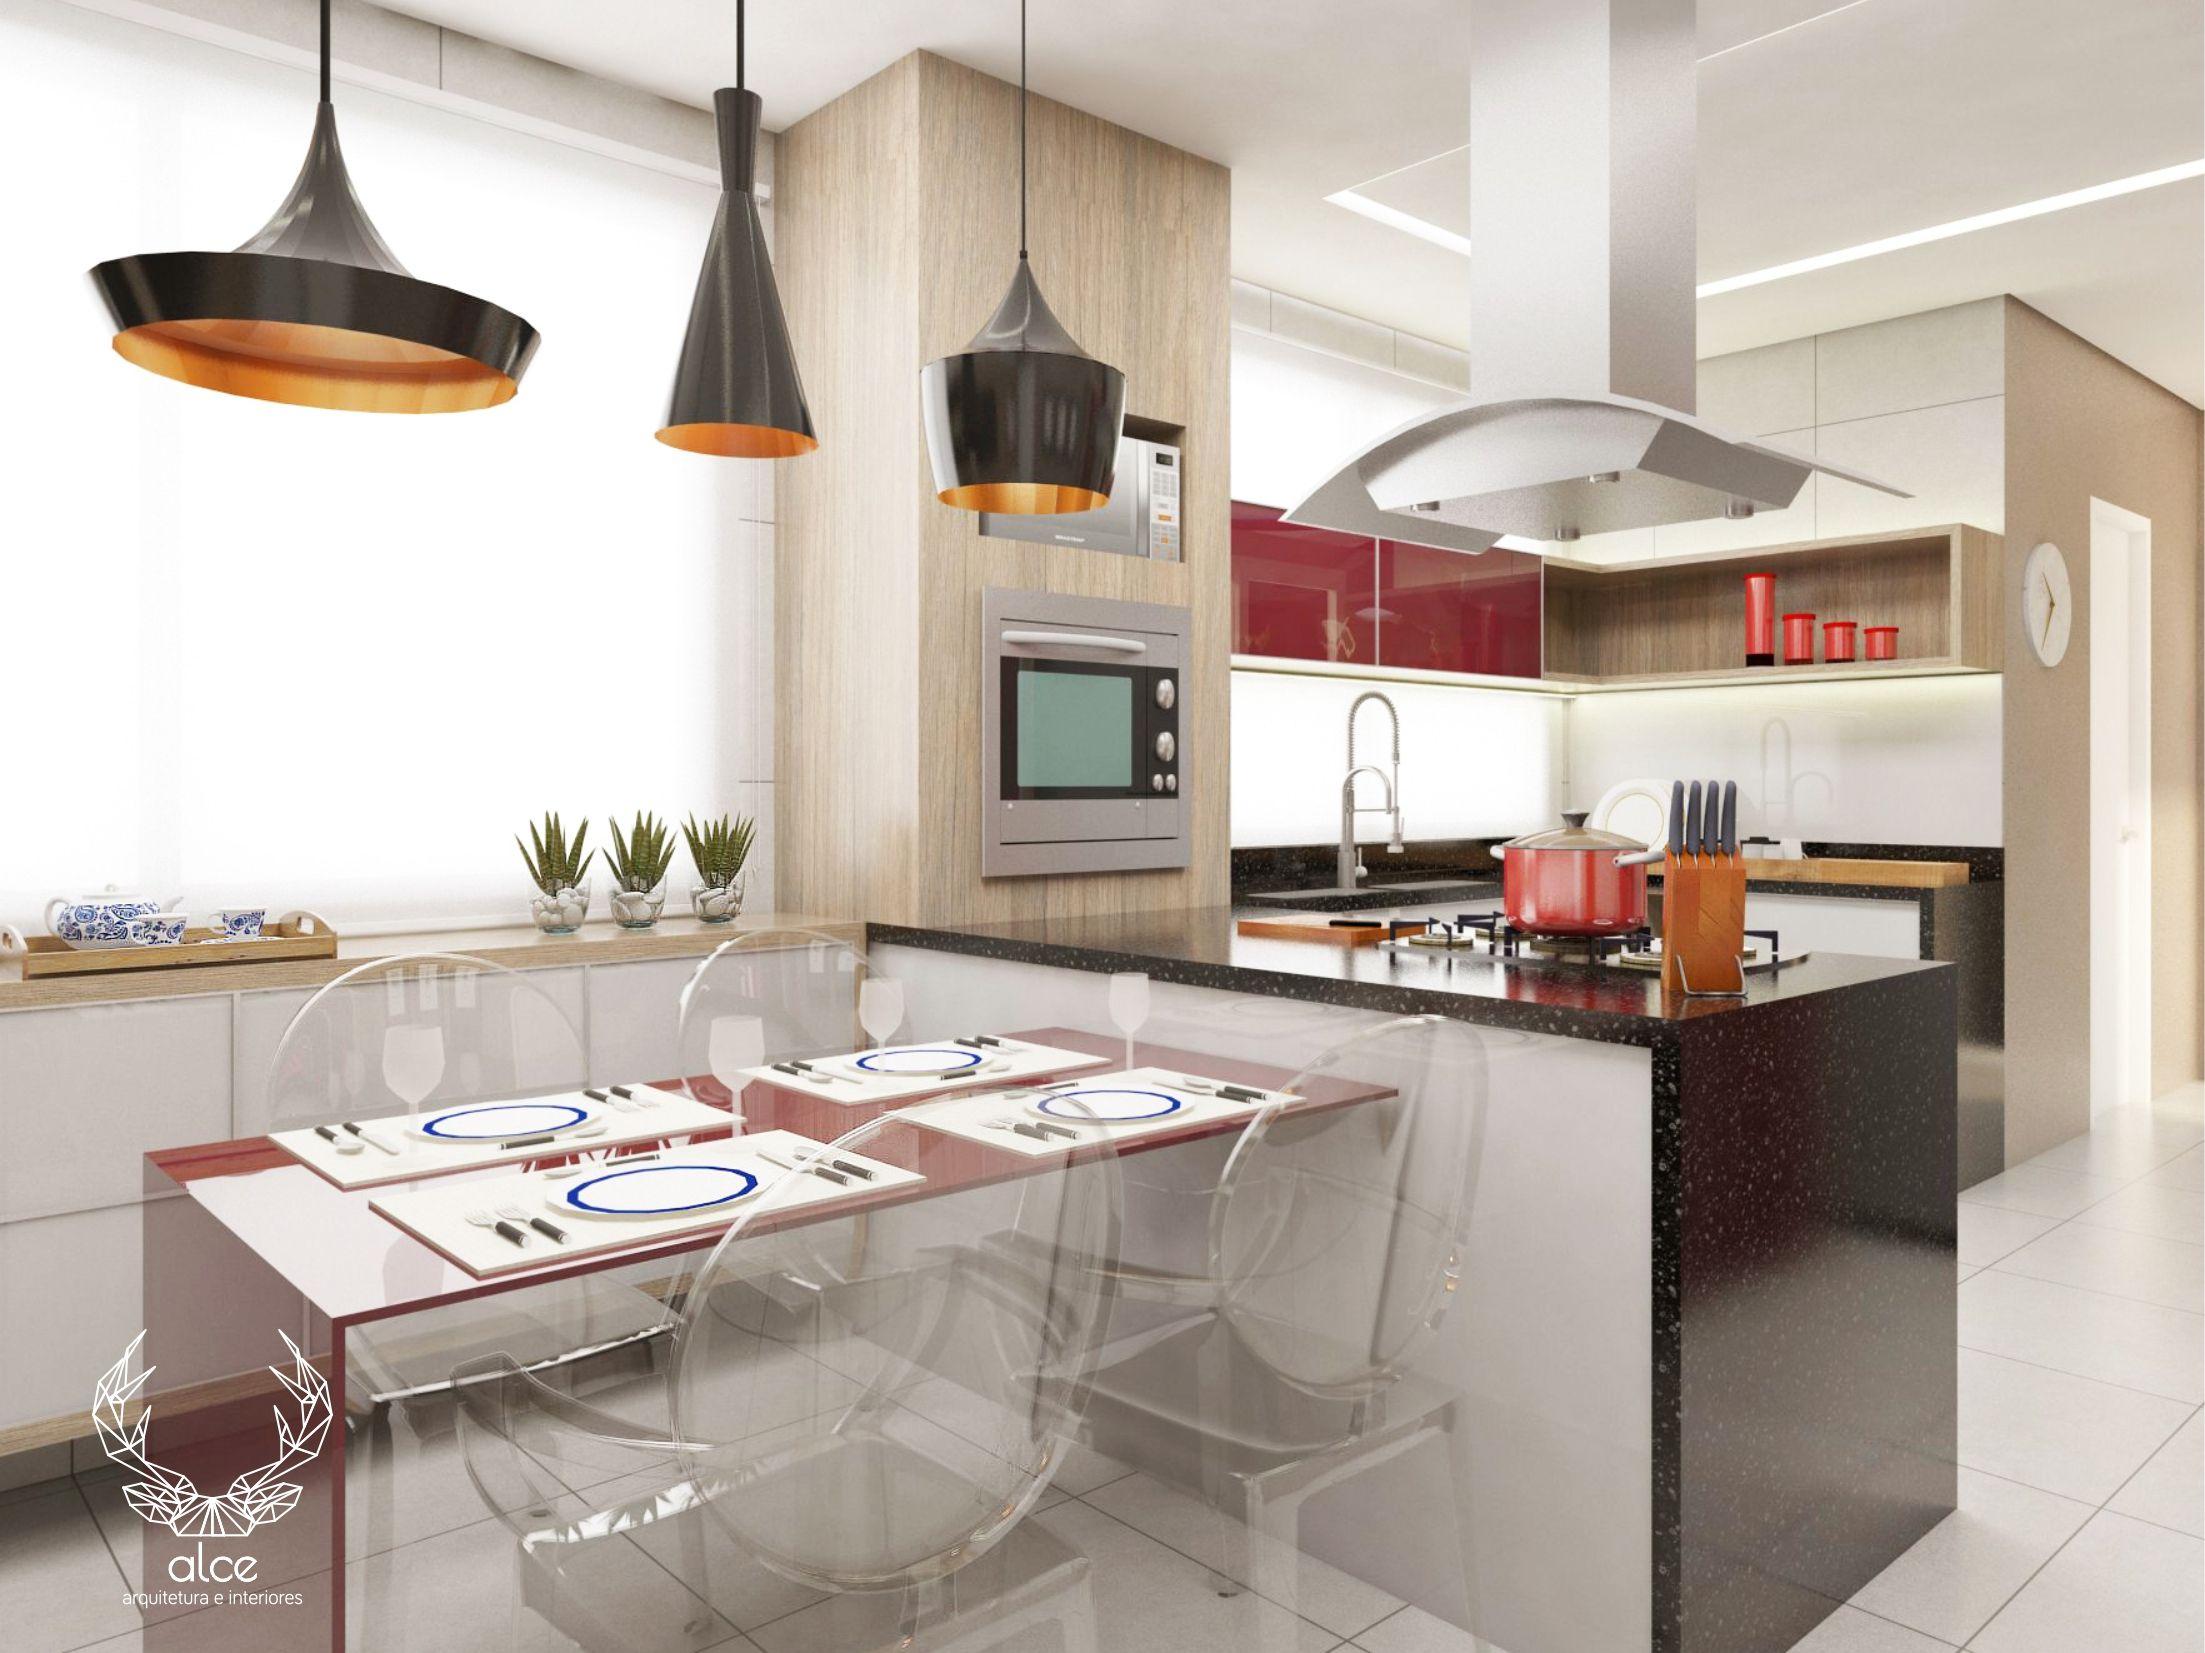 Cozinha Espa Osa E Iluminada Pendentes Modernos Ilha De Coc O